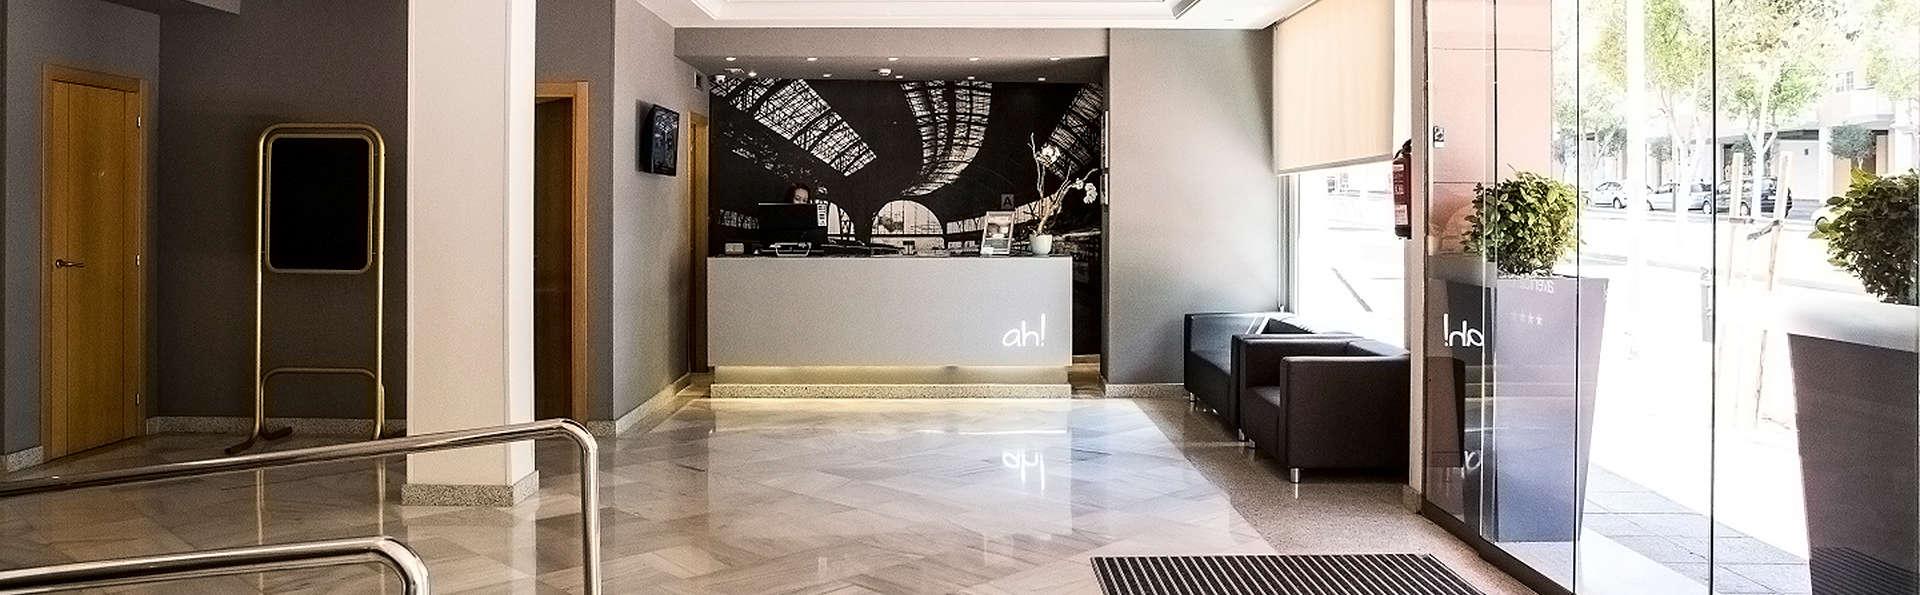 Avenida Hotel Almería - EDIT_Reception.jpg